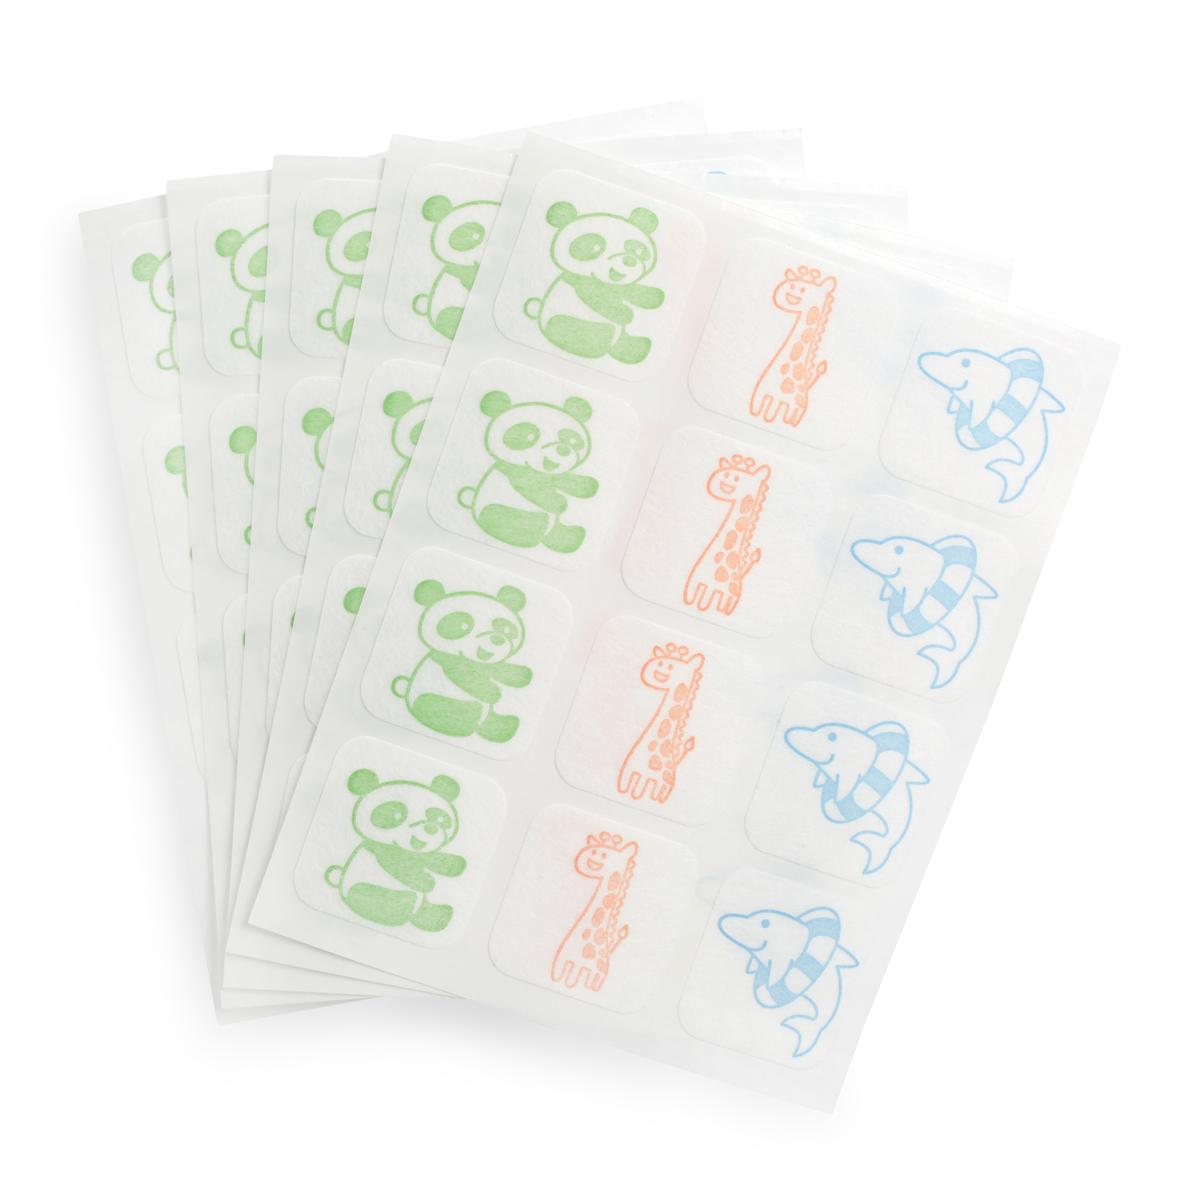 日本贝亲驱蚊贴婴儿宝宝天然桉树油防蚊贴成人儿童户外蚊子贴60枚